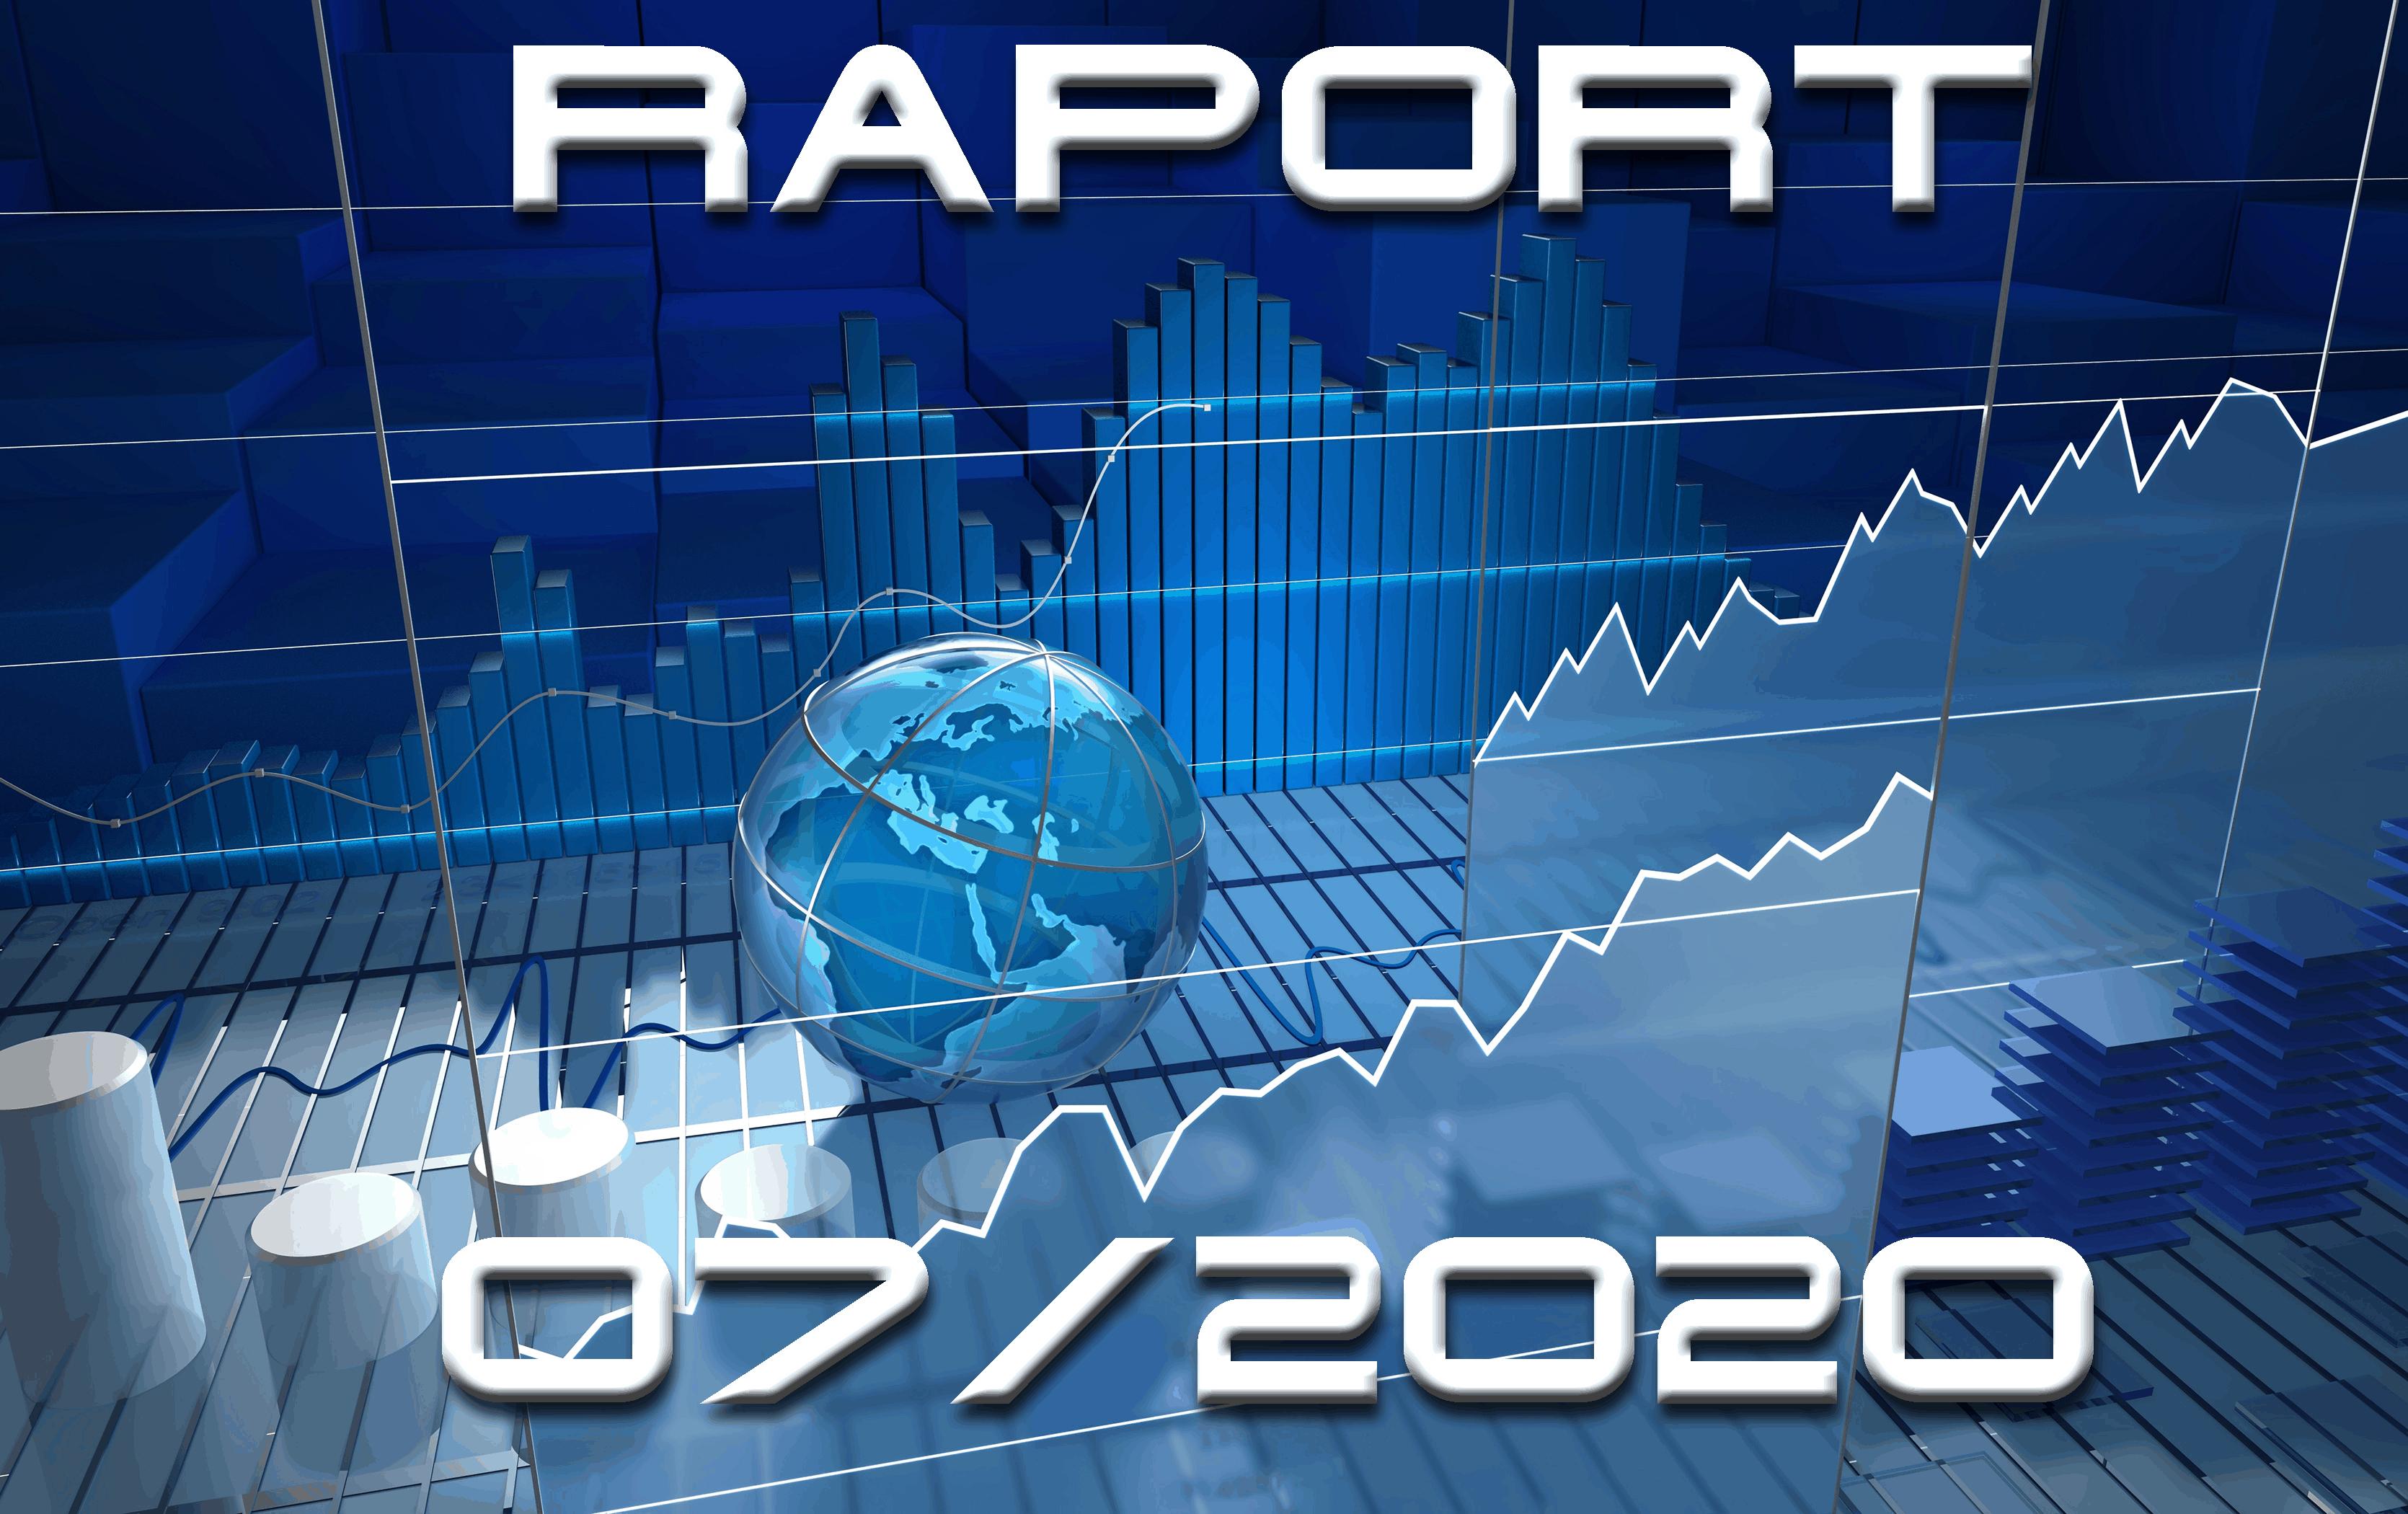 intraday'owa statystyka - raport lipiec 2020